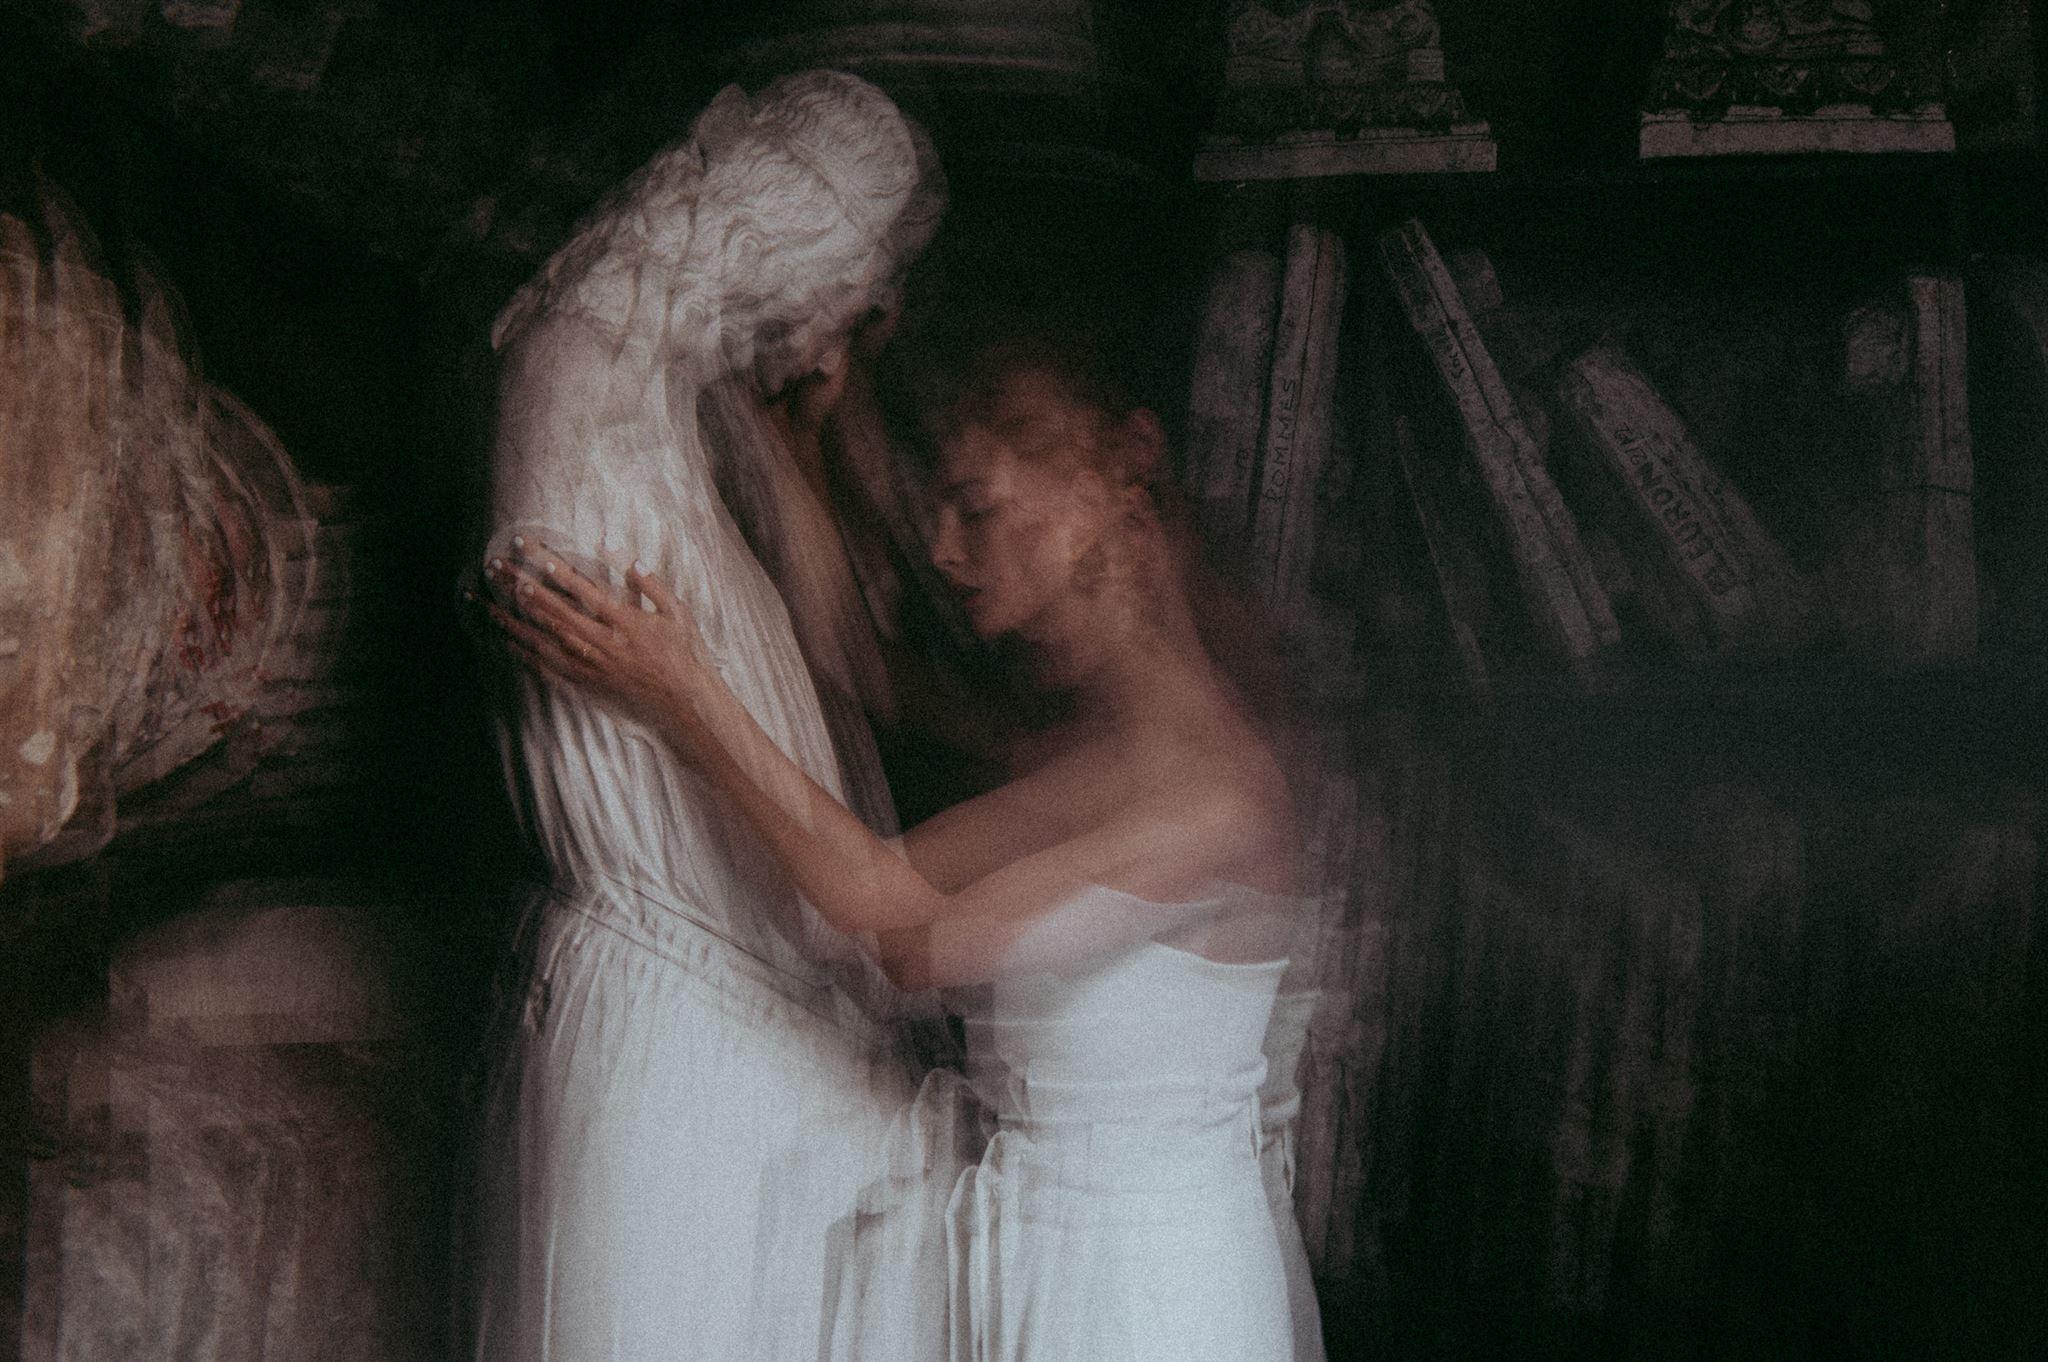 Un joli shooting publié sur La Mariée Aux Pieds Nus ! shooting collaboratif mariage. Ensemble mariée pantalon et top. Acheter boutique Paris